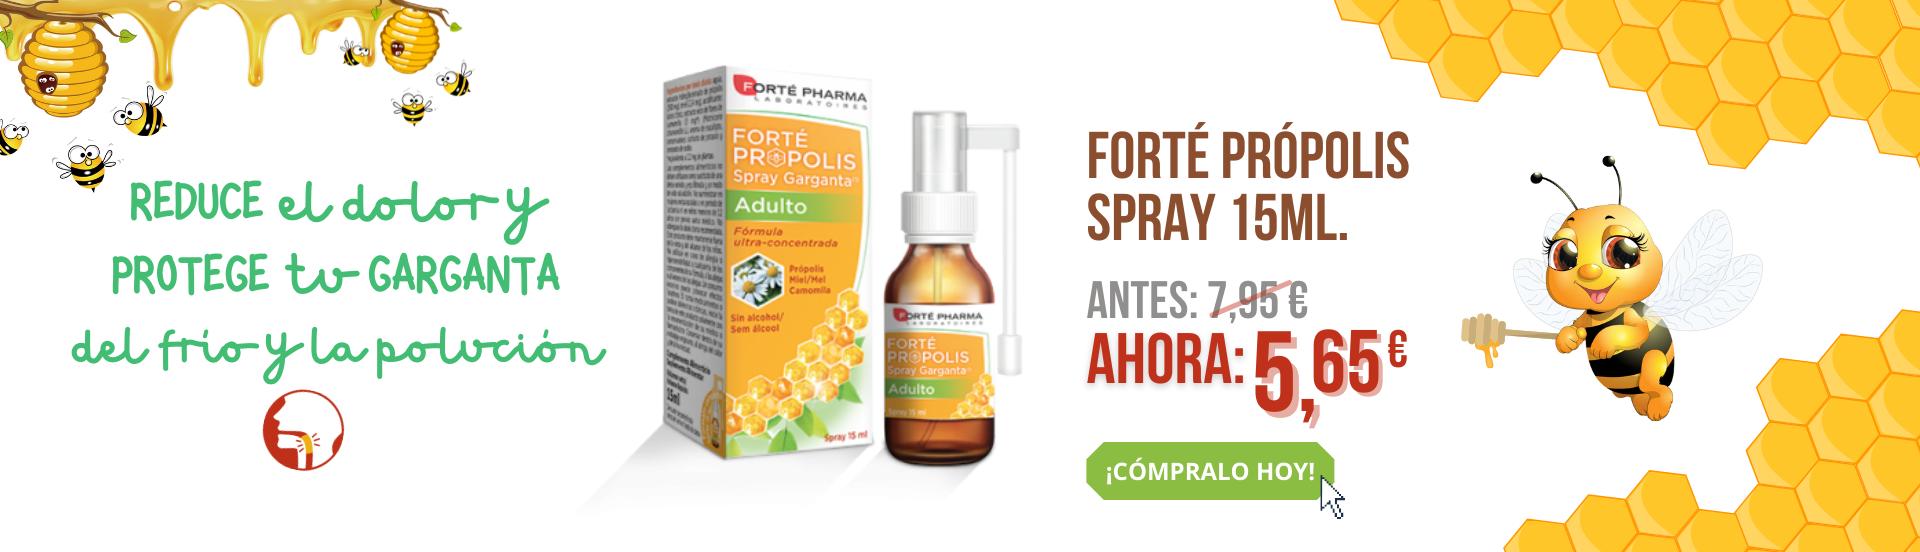 Forte_propolis_forte_pharma_rebaja_farmaeasy